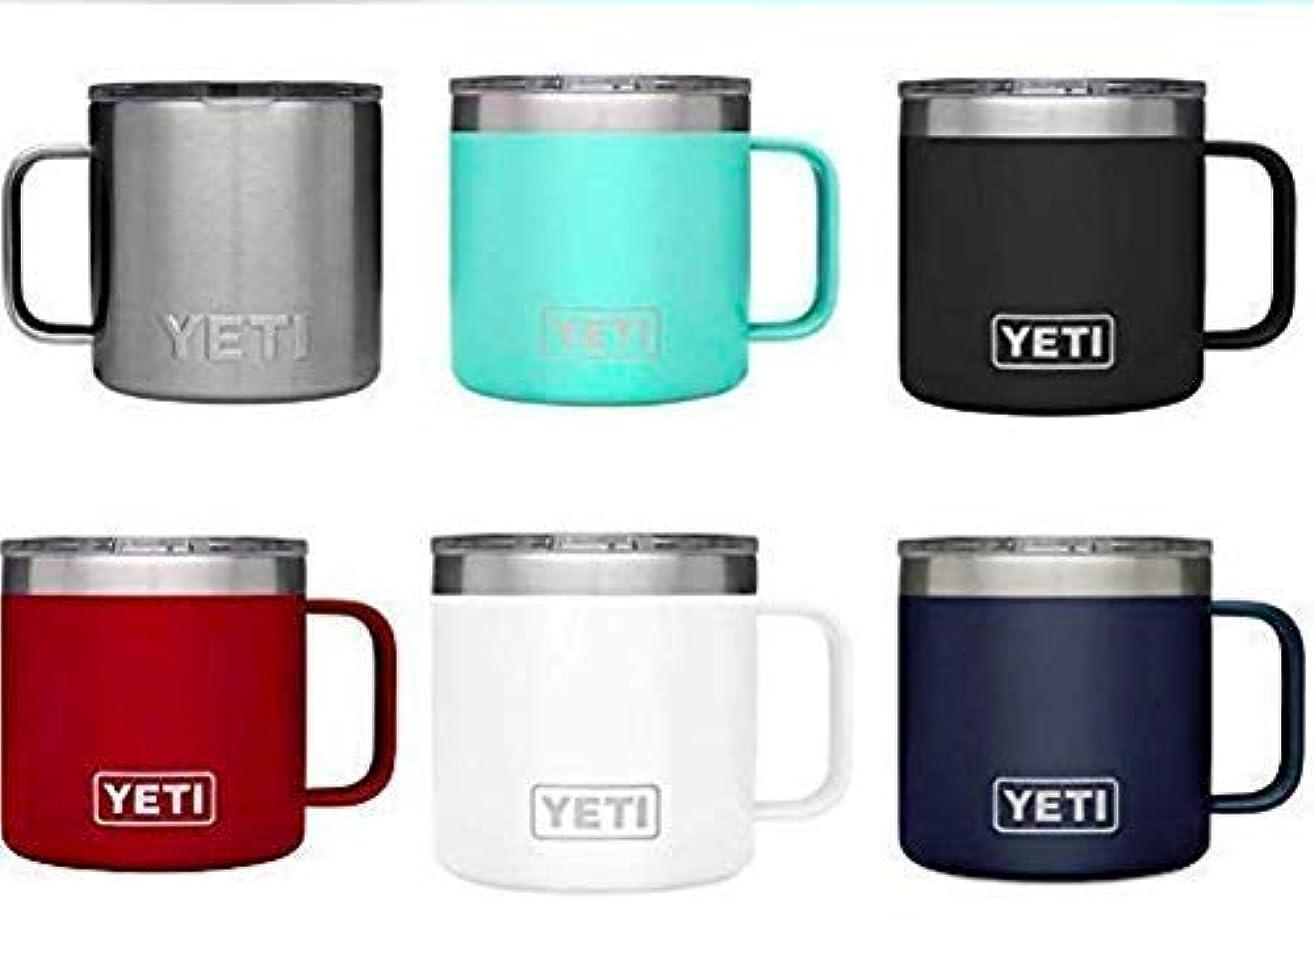 Custom YETI Rambler Mug with Lid, 14 Oz, Custom Yeti Coffee Mug, Custom Yeti Tumbler Lowball Vinly, Mother's Day Gift, Yeti Mug